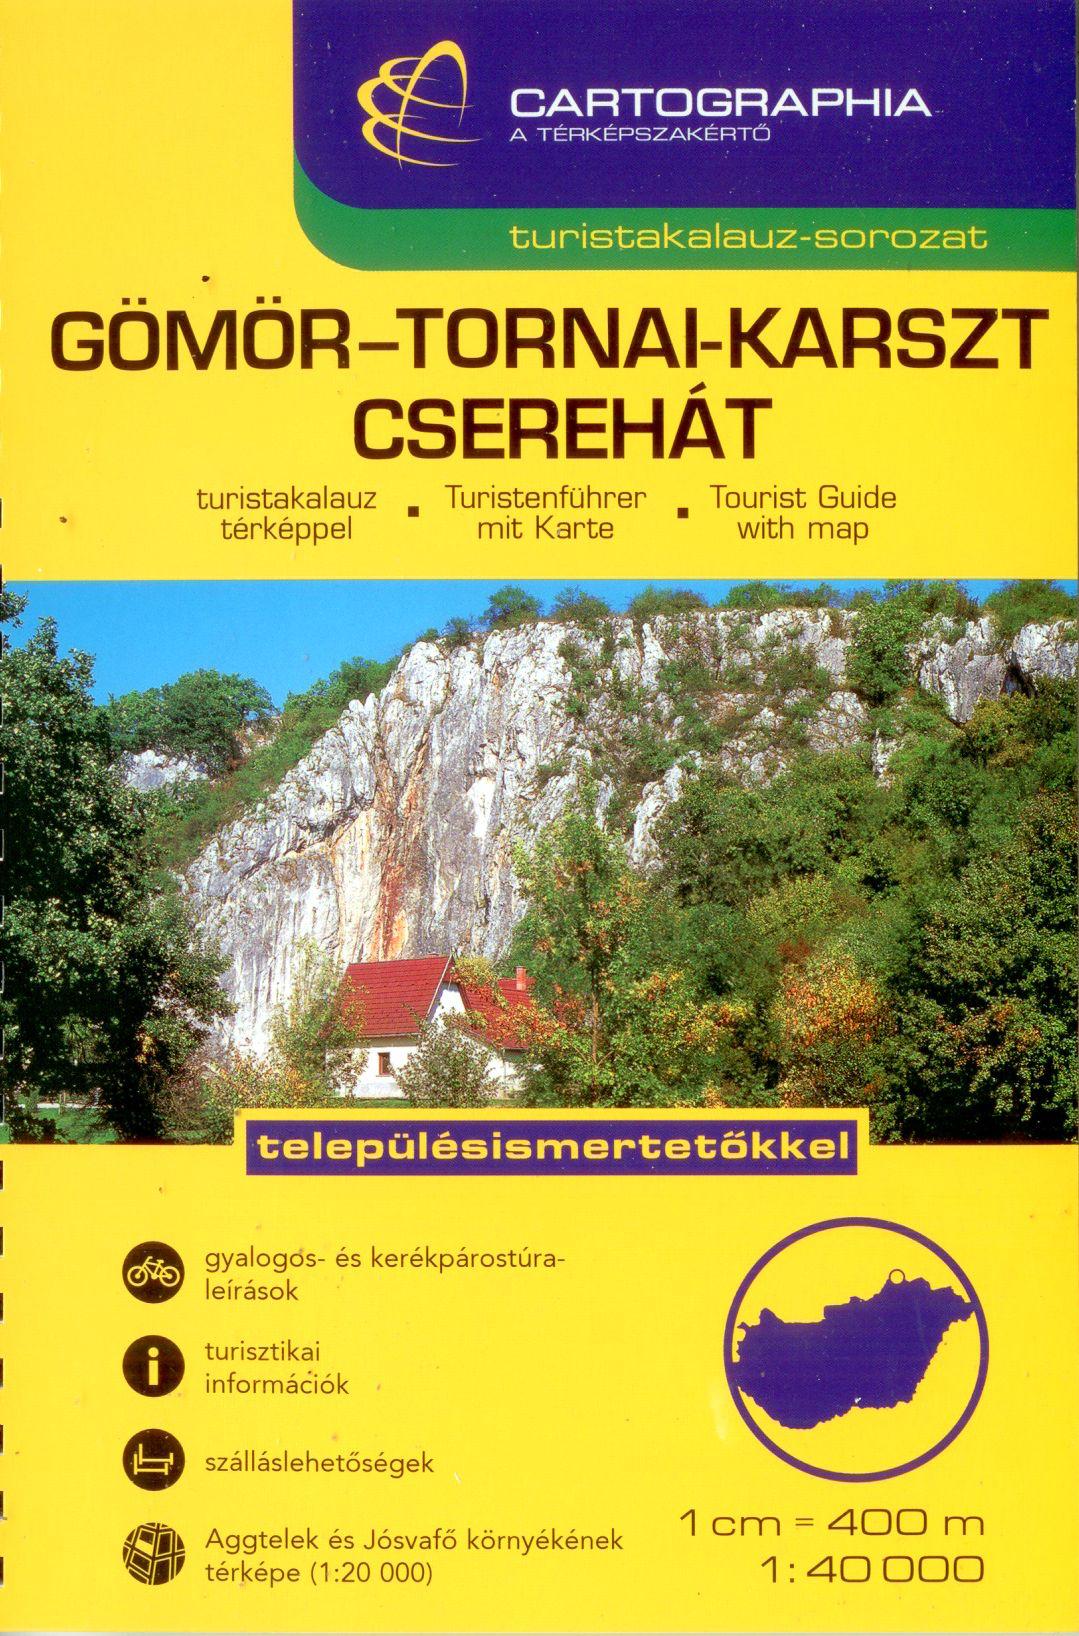 A turistatérképek mellett részletes túraleírásokat is tartalmazó útikönyv jellegű kiadvány. Aggtelek-Jósvafő környékének melléktérképével 1:20.000